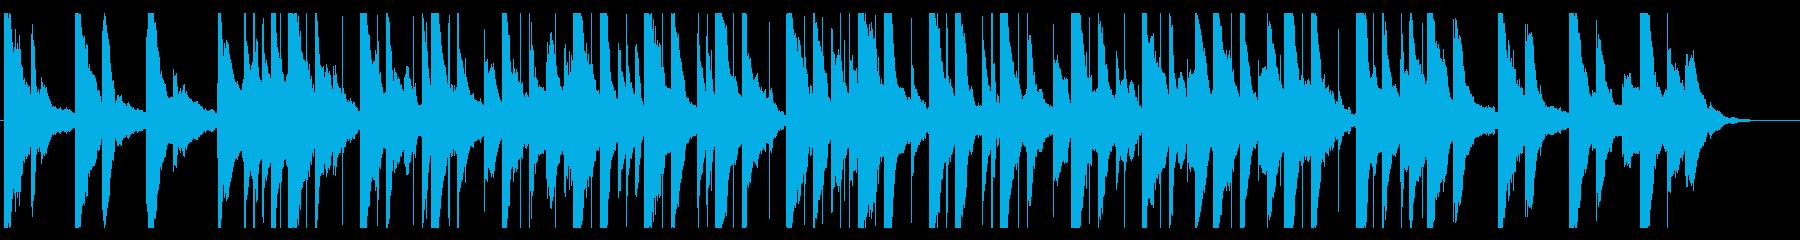 儚げで寂しげなオルゴール楽曲の再生済みの波形